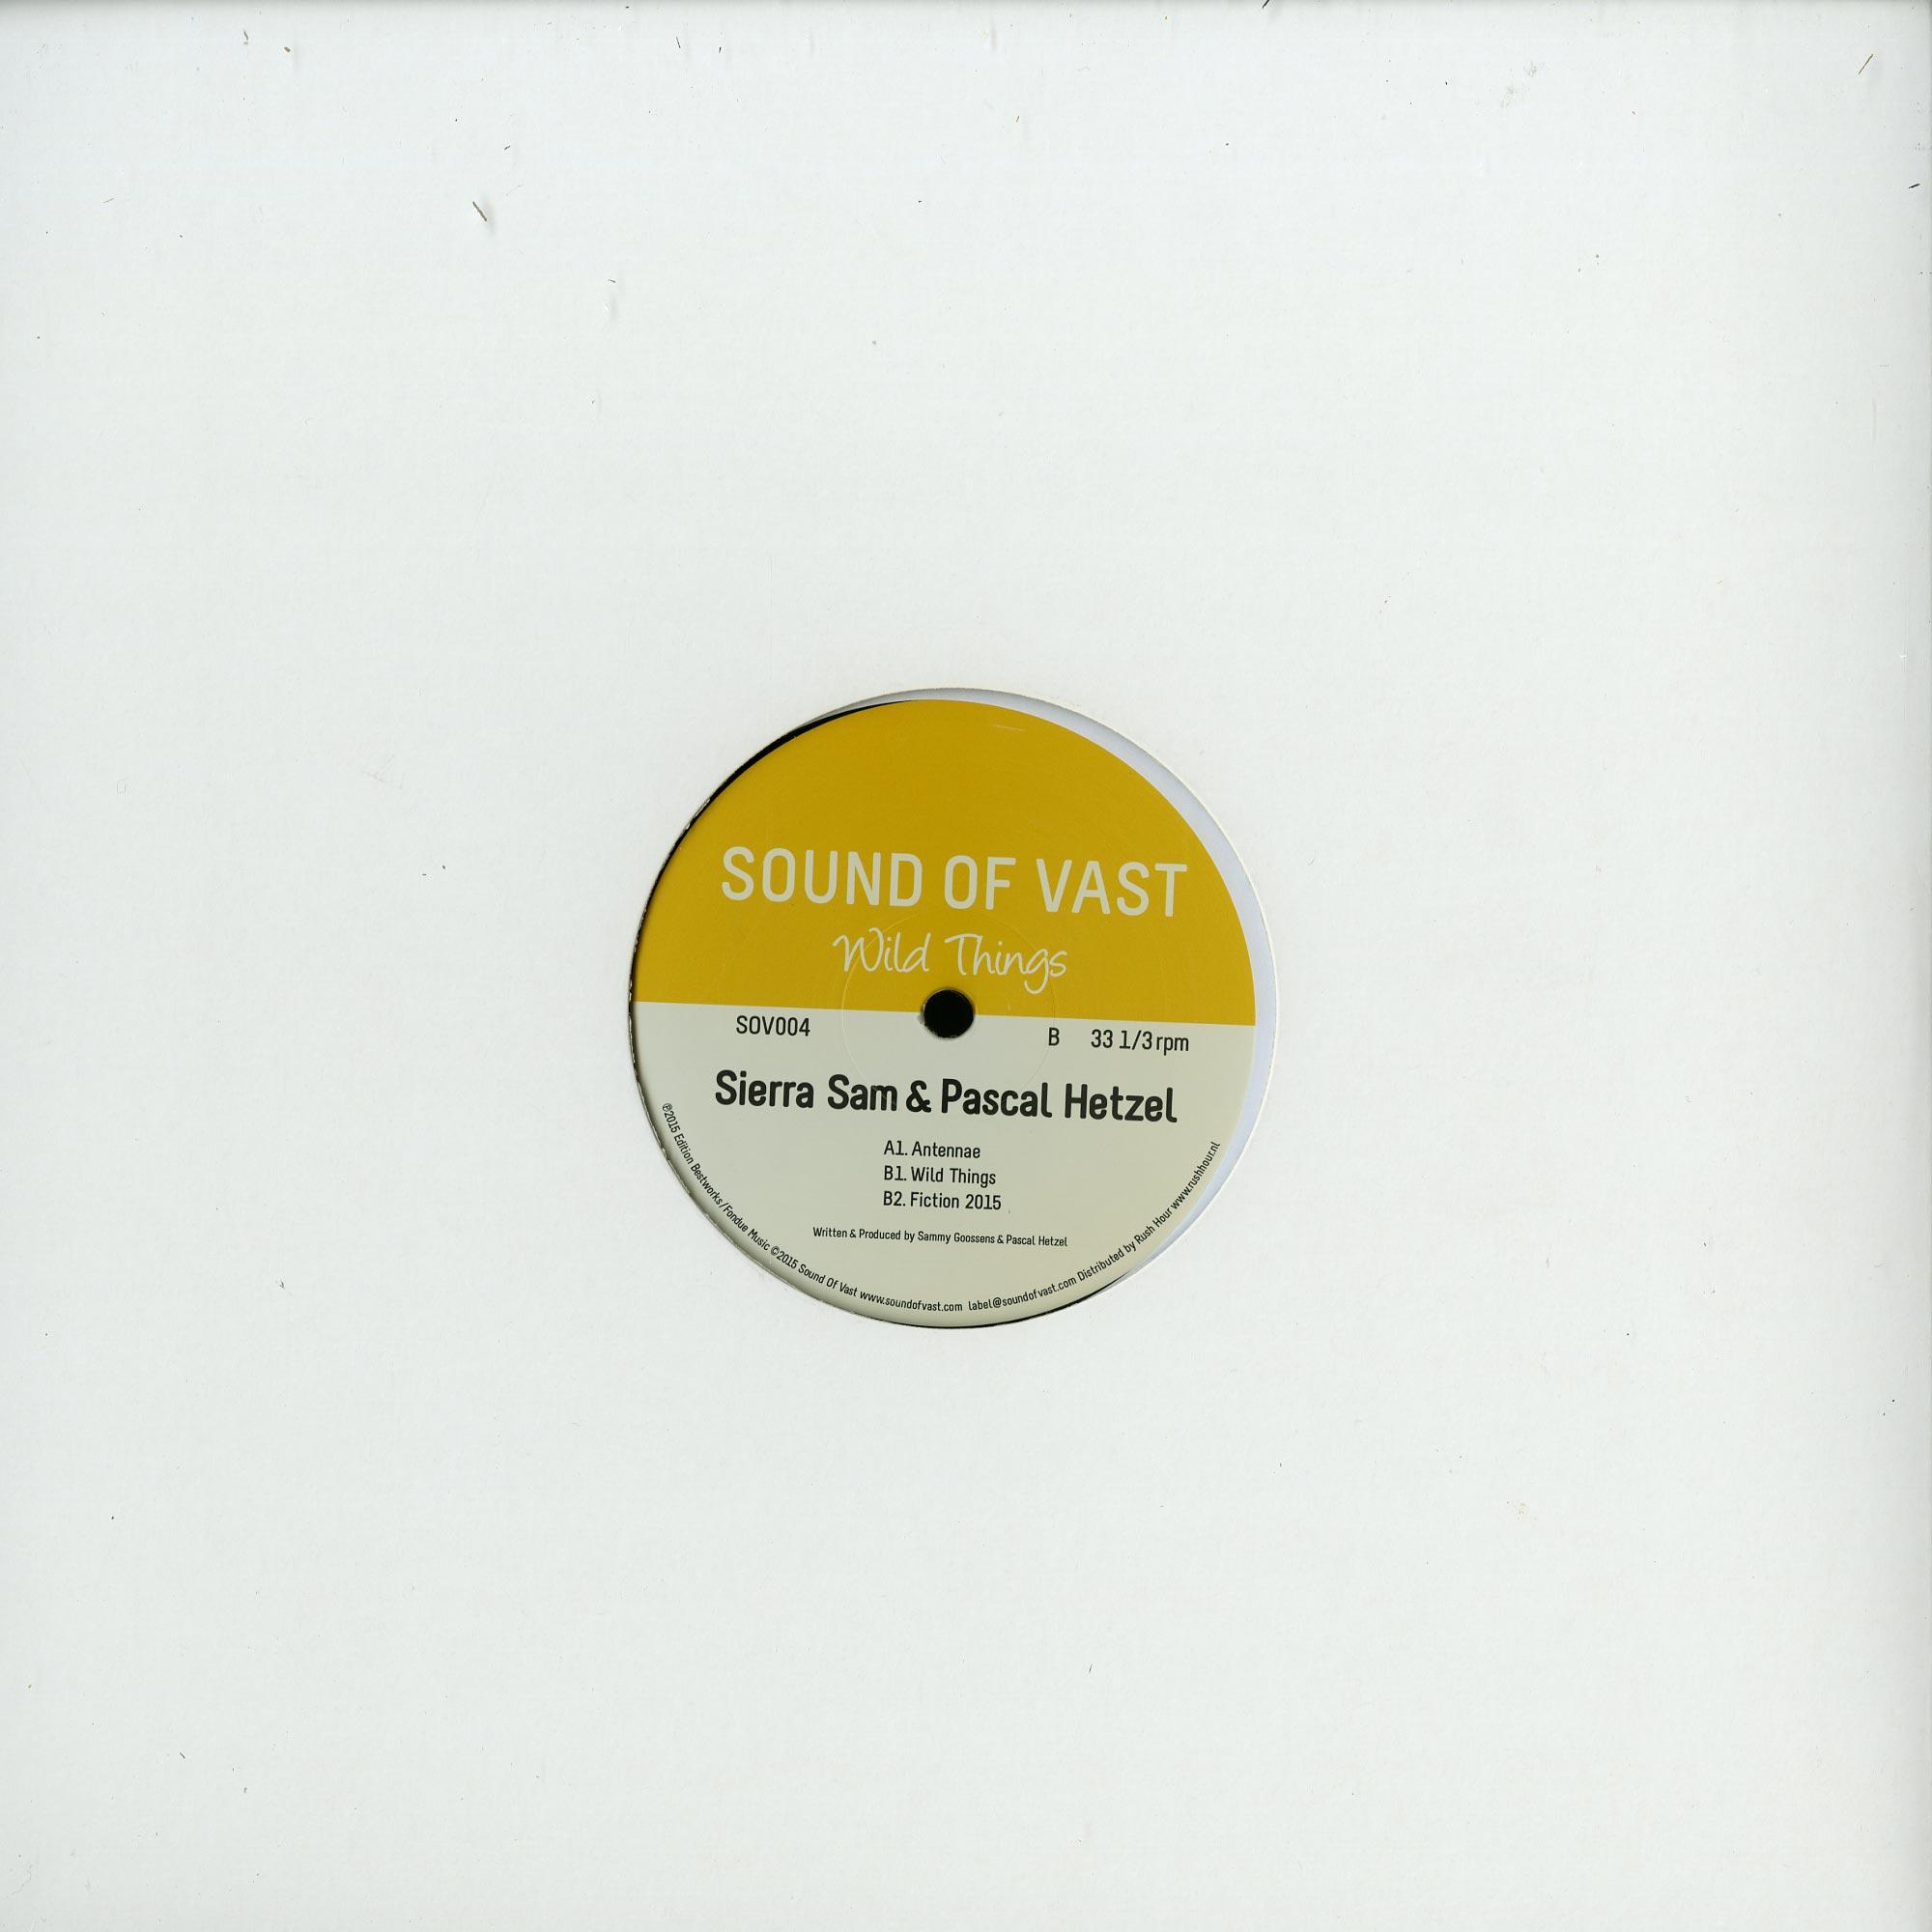 Sierra Sam & Pascal Hetzel - WILD THINGS EP